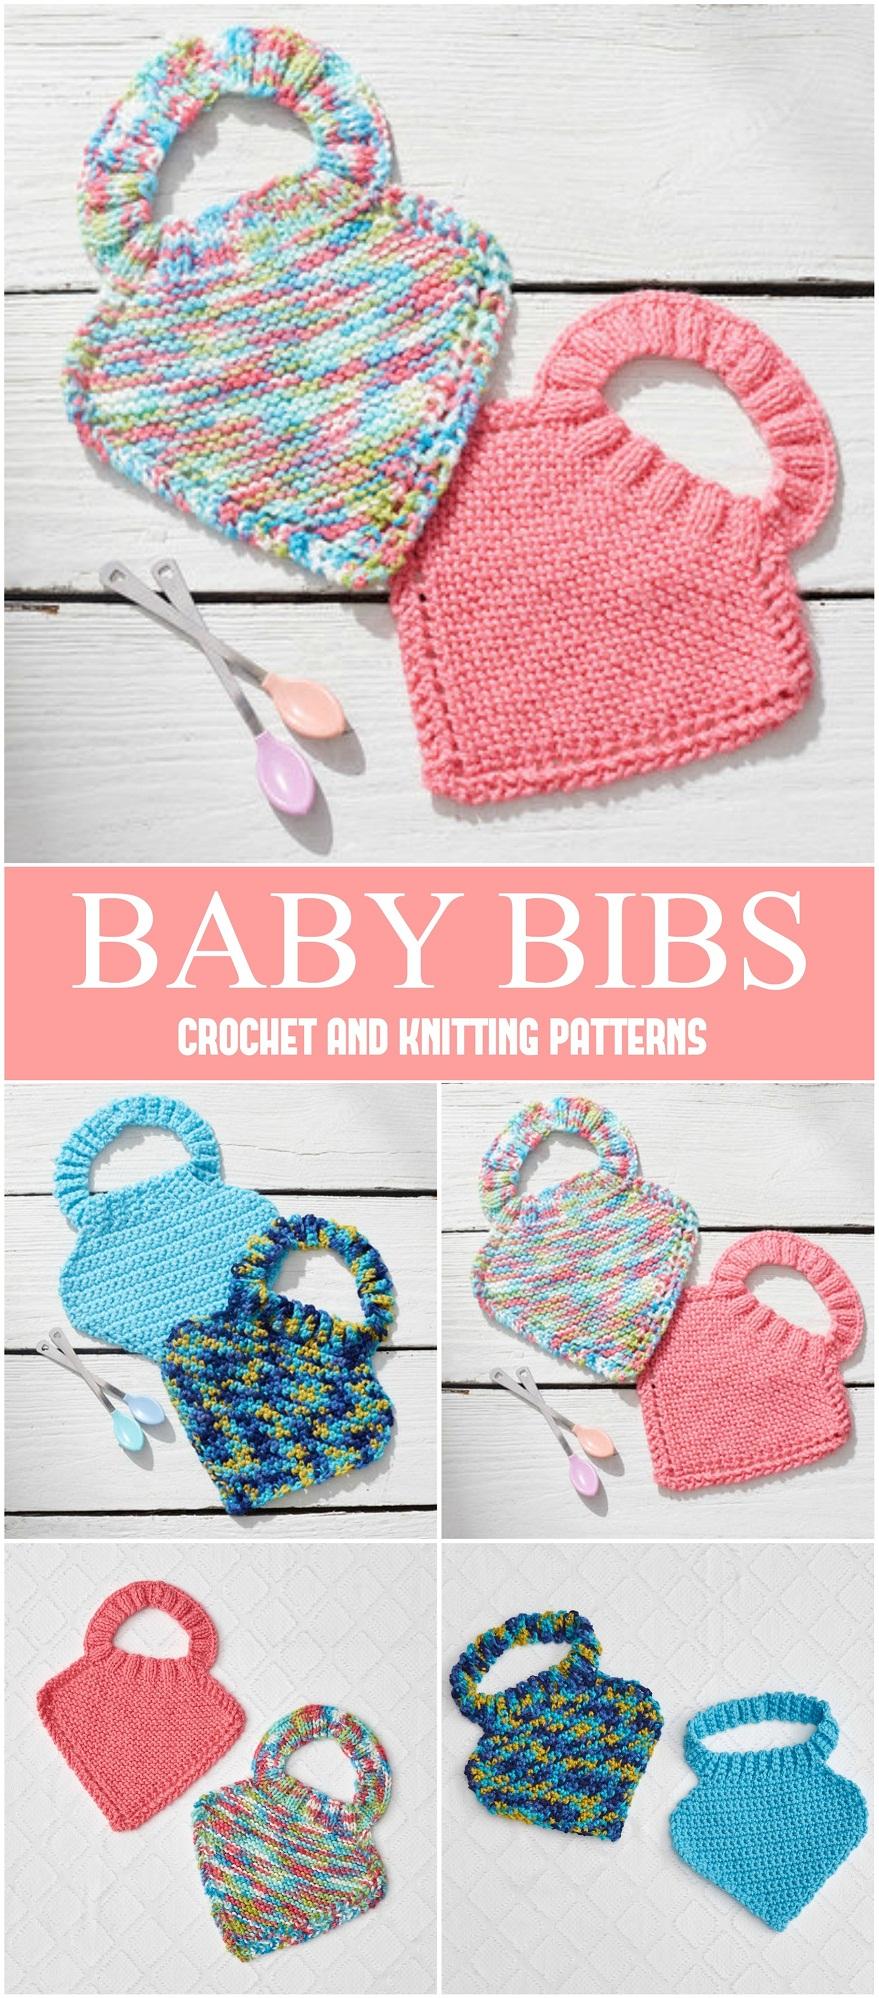 Crochet Or Knit Baby Bibs Free Patterns Yarn Hooks